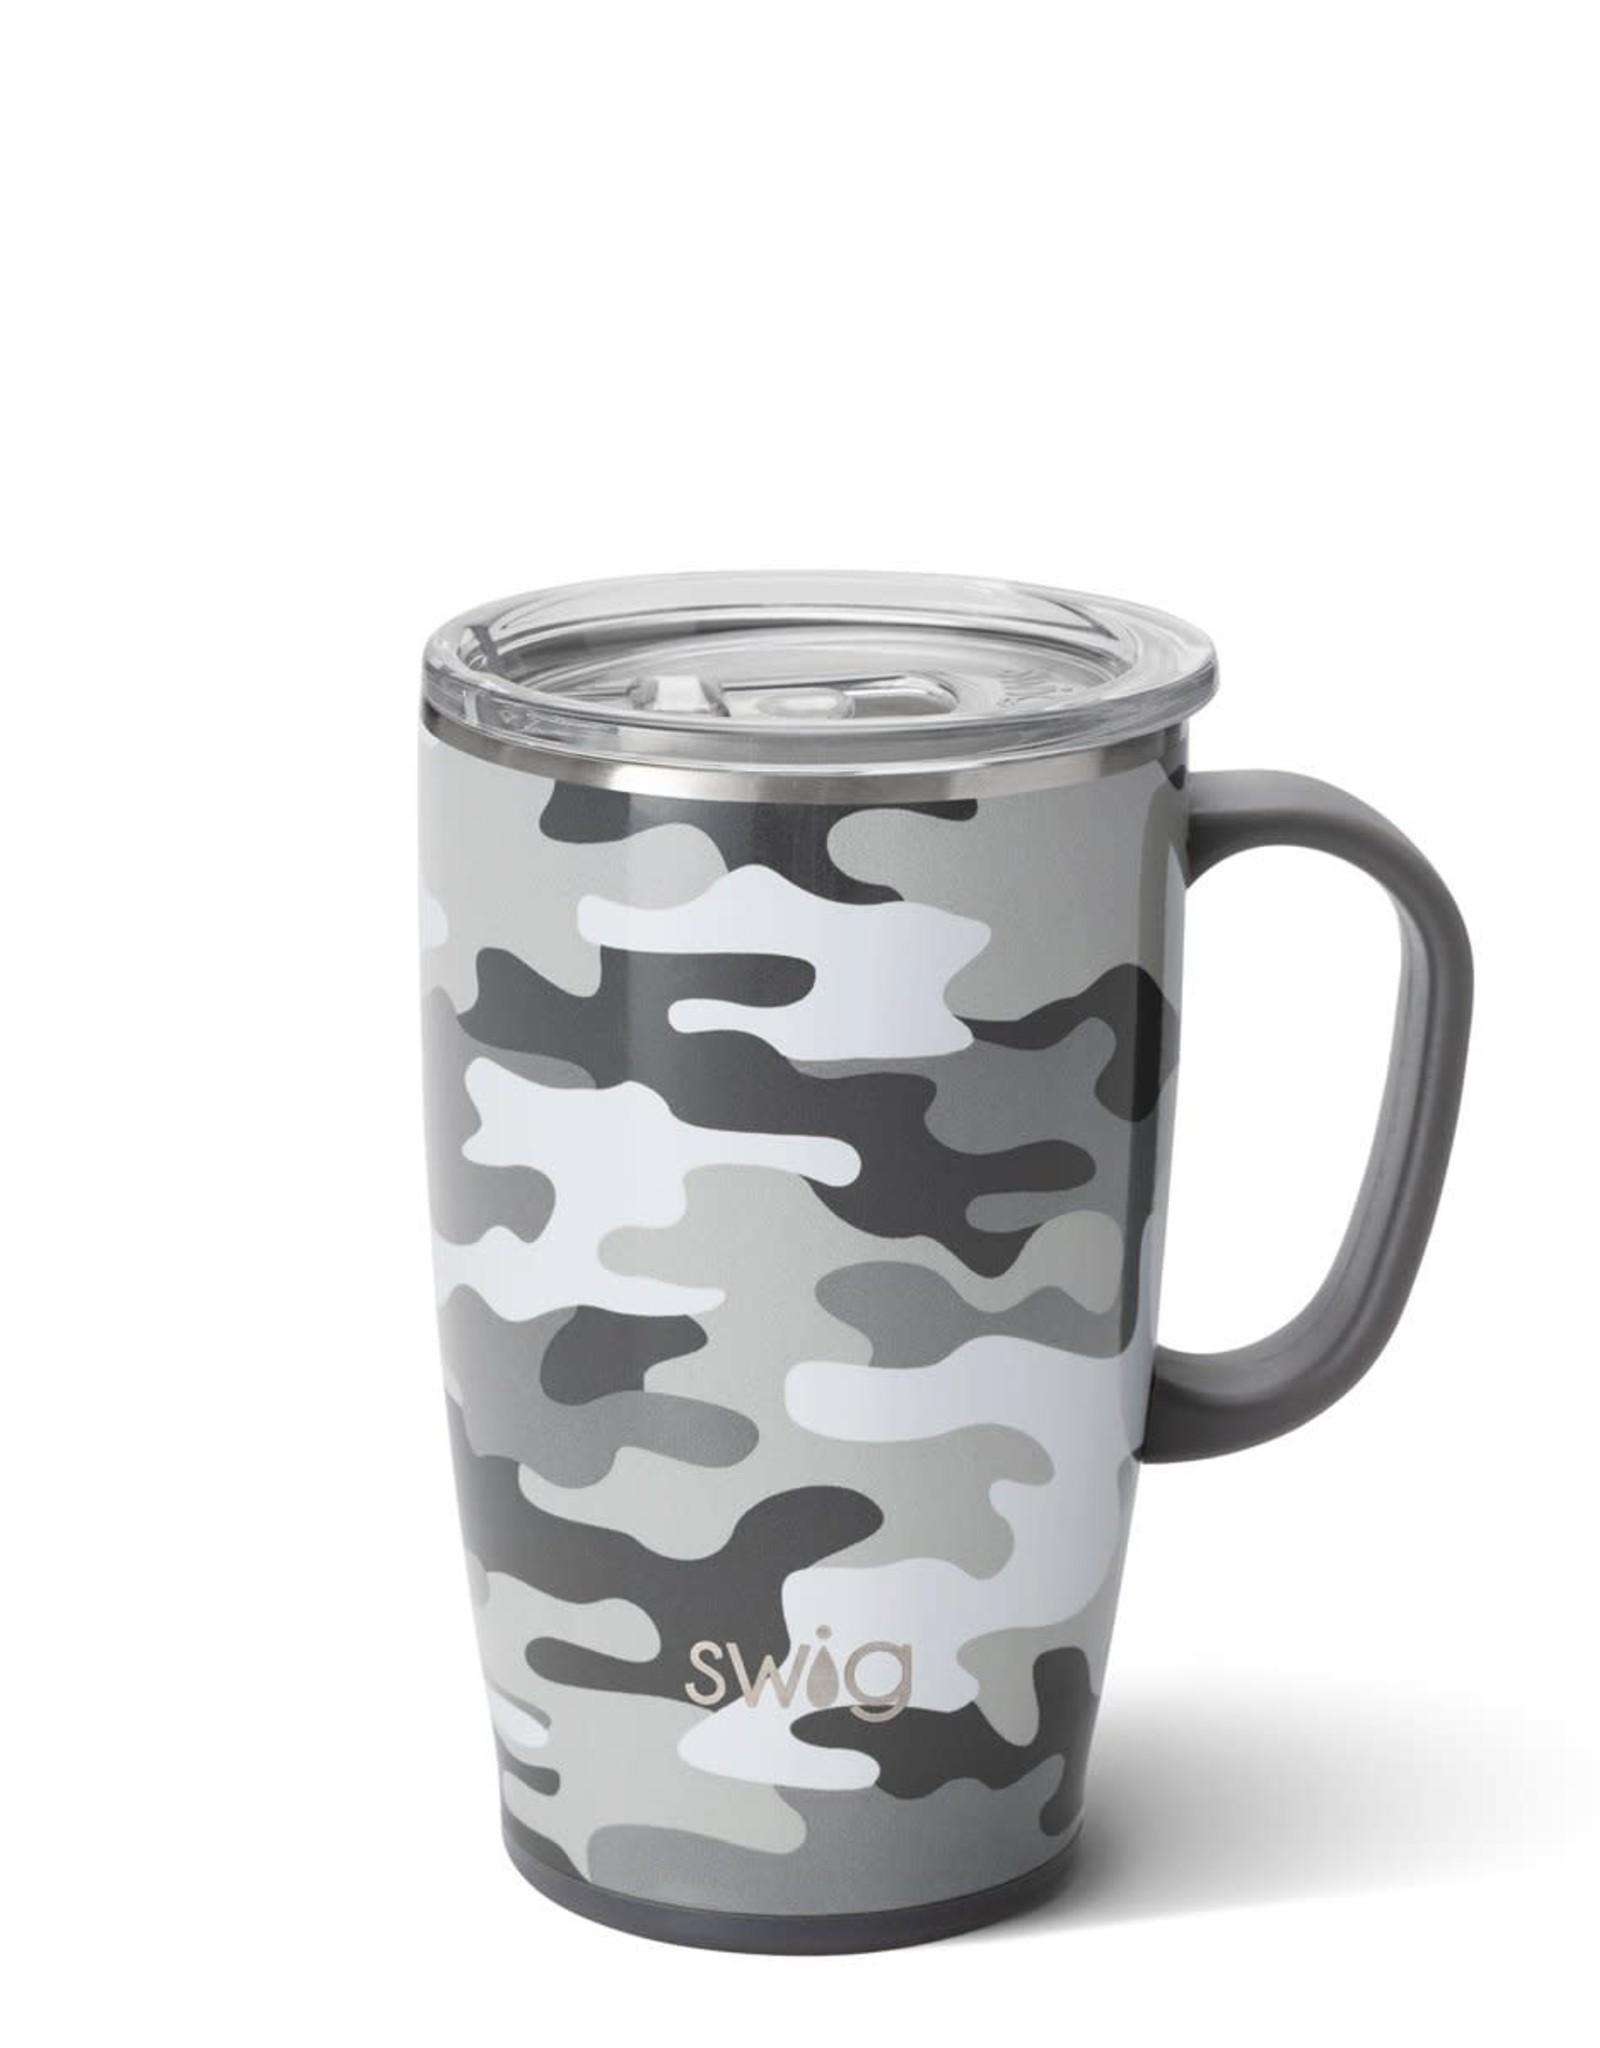 Swig Mug - 18oz - Incognito Camo